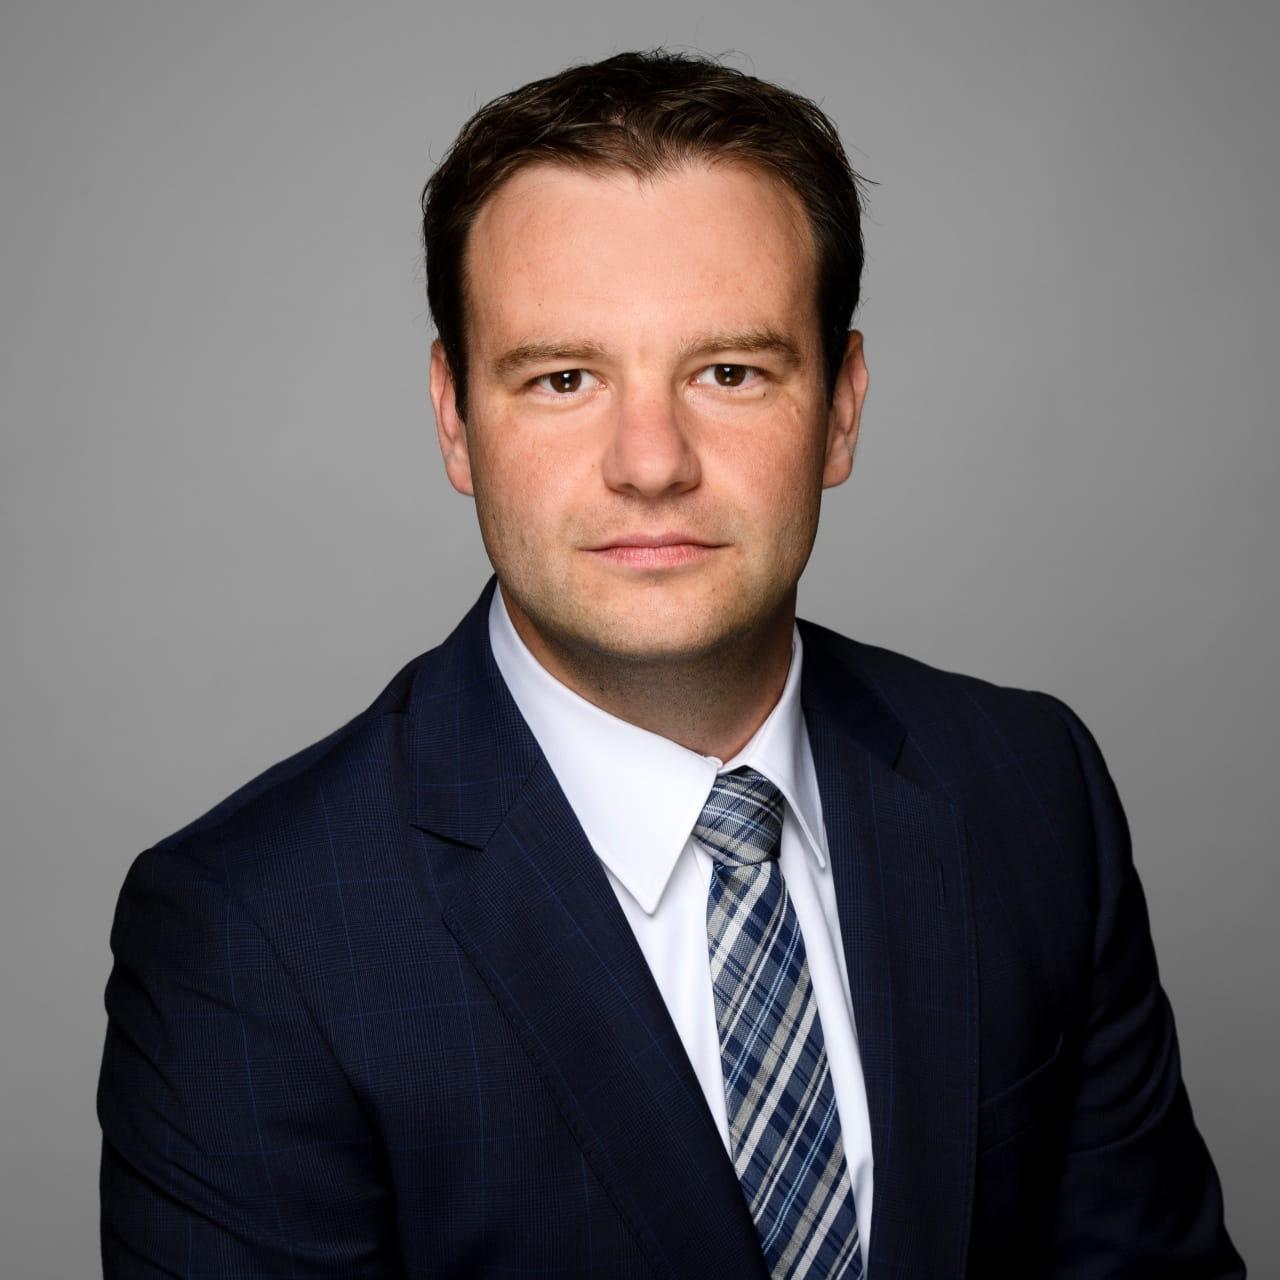 Paul Smolenaers